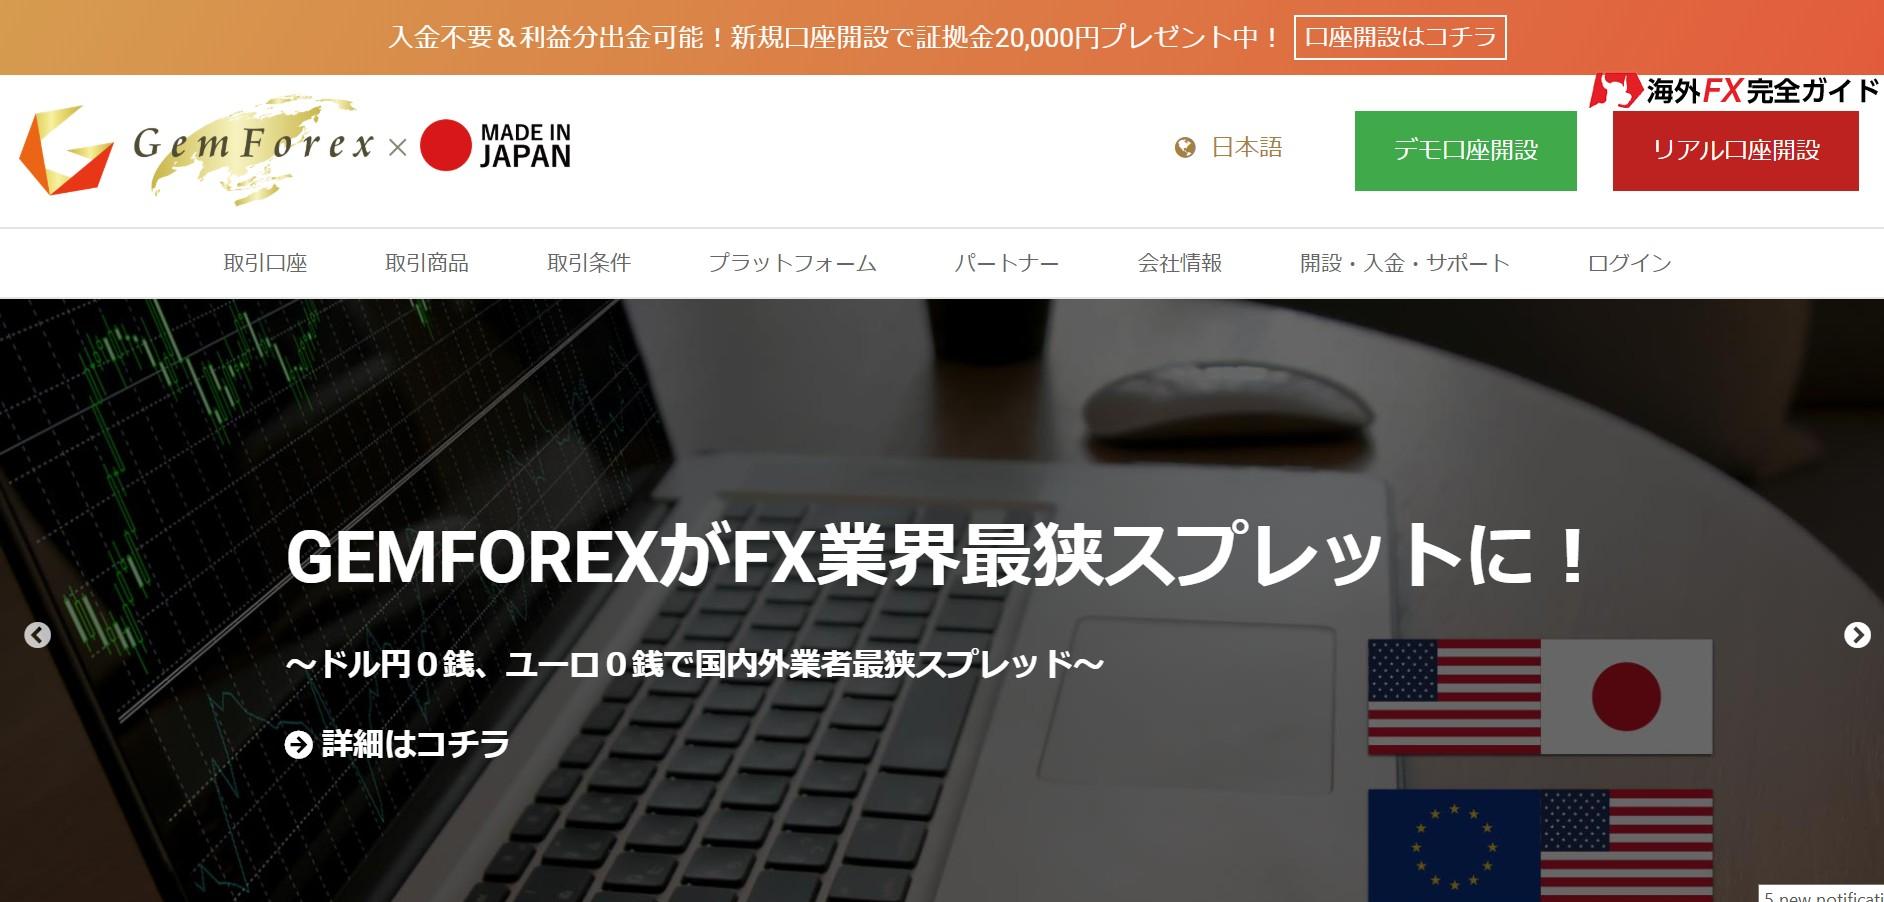 ゲムフォレックスの公式ウェブサイト